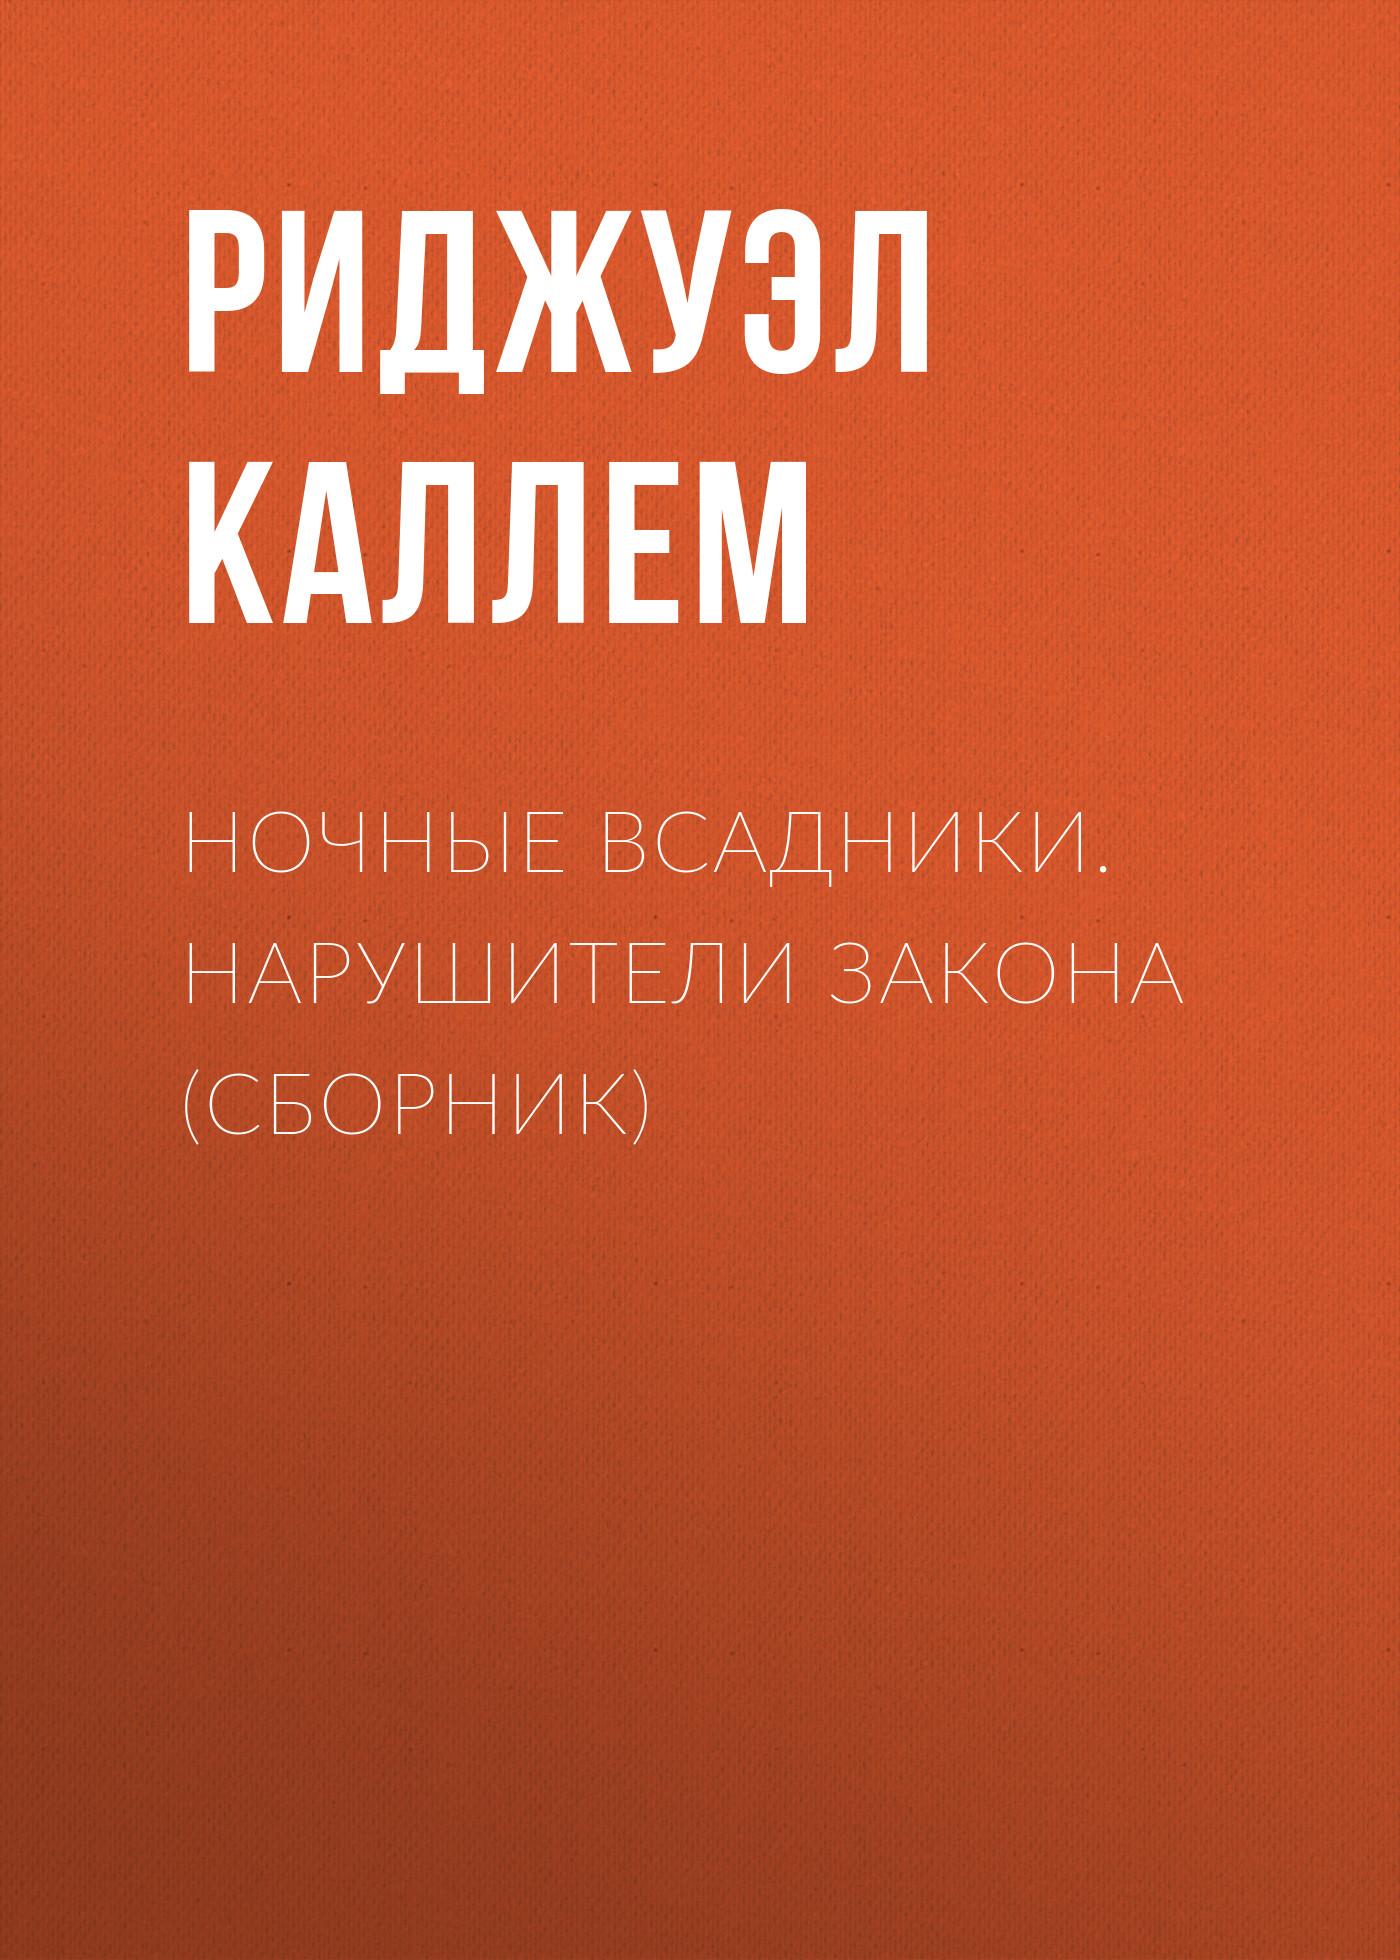 Риджуэл Каллем Ночные всадники. Нарушители закона (сборник) макфолл к нарушители